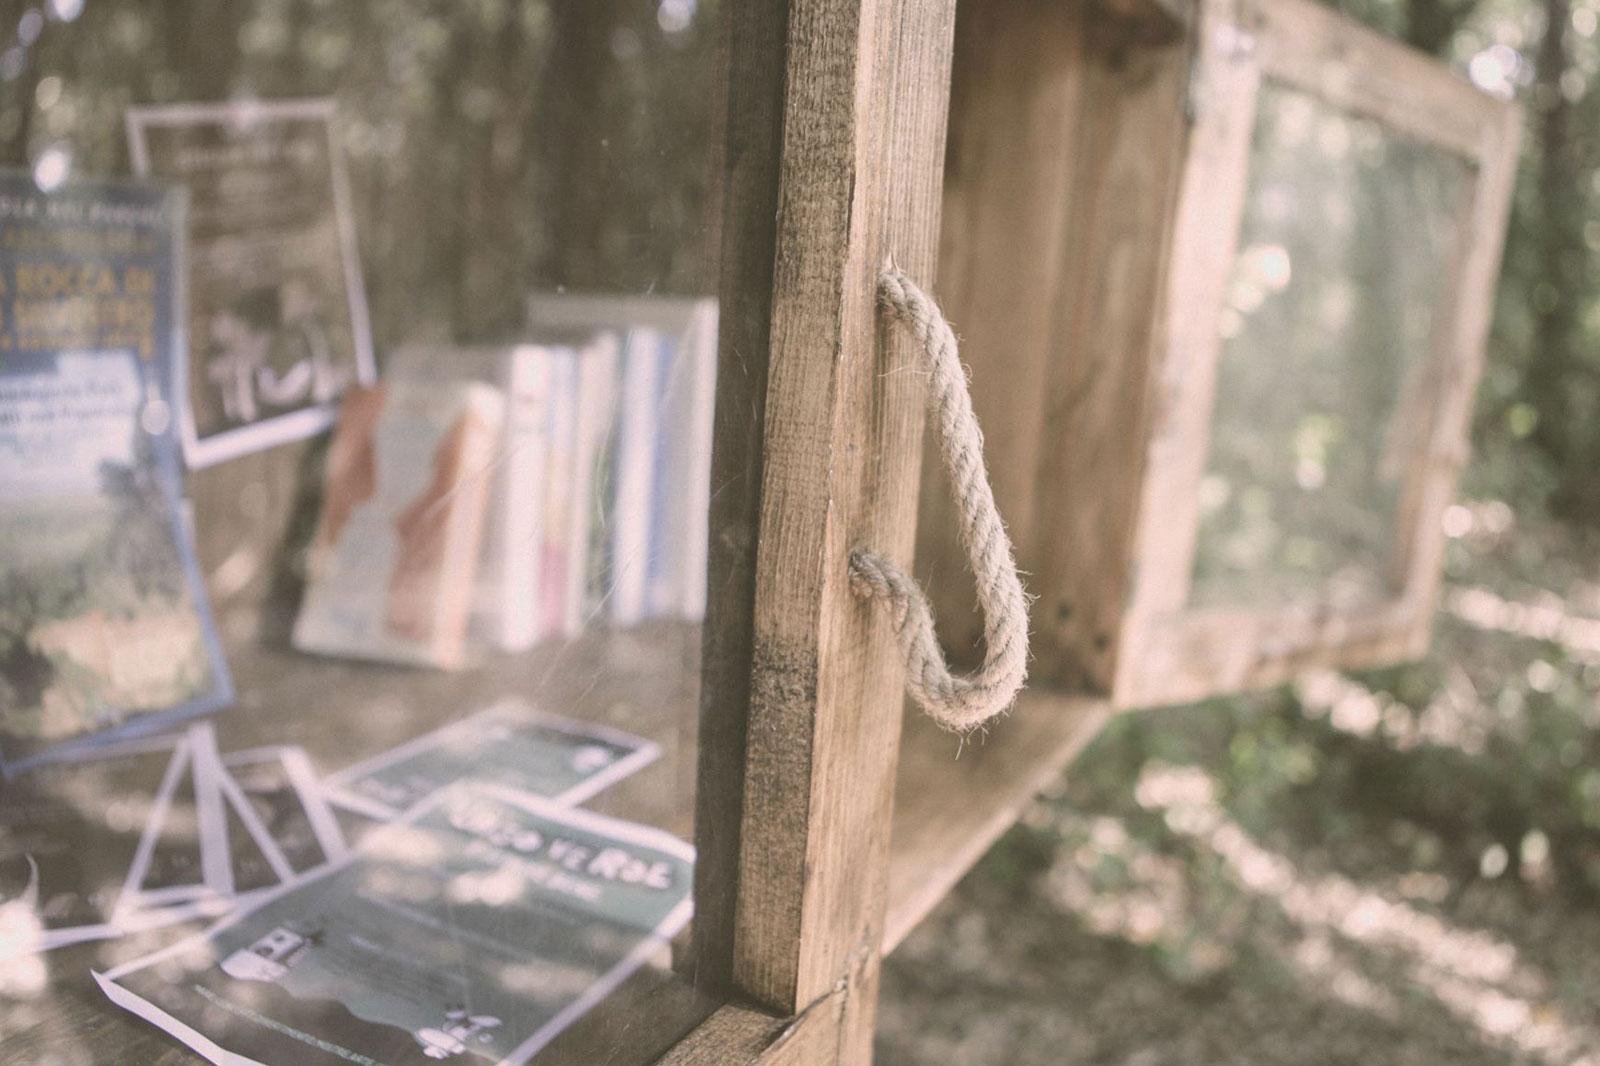 lago verde libreria